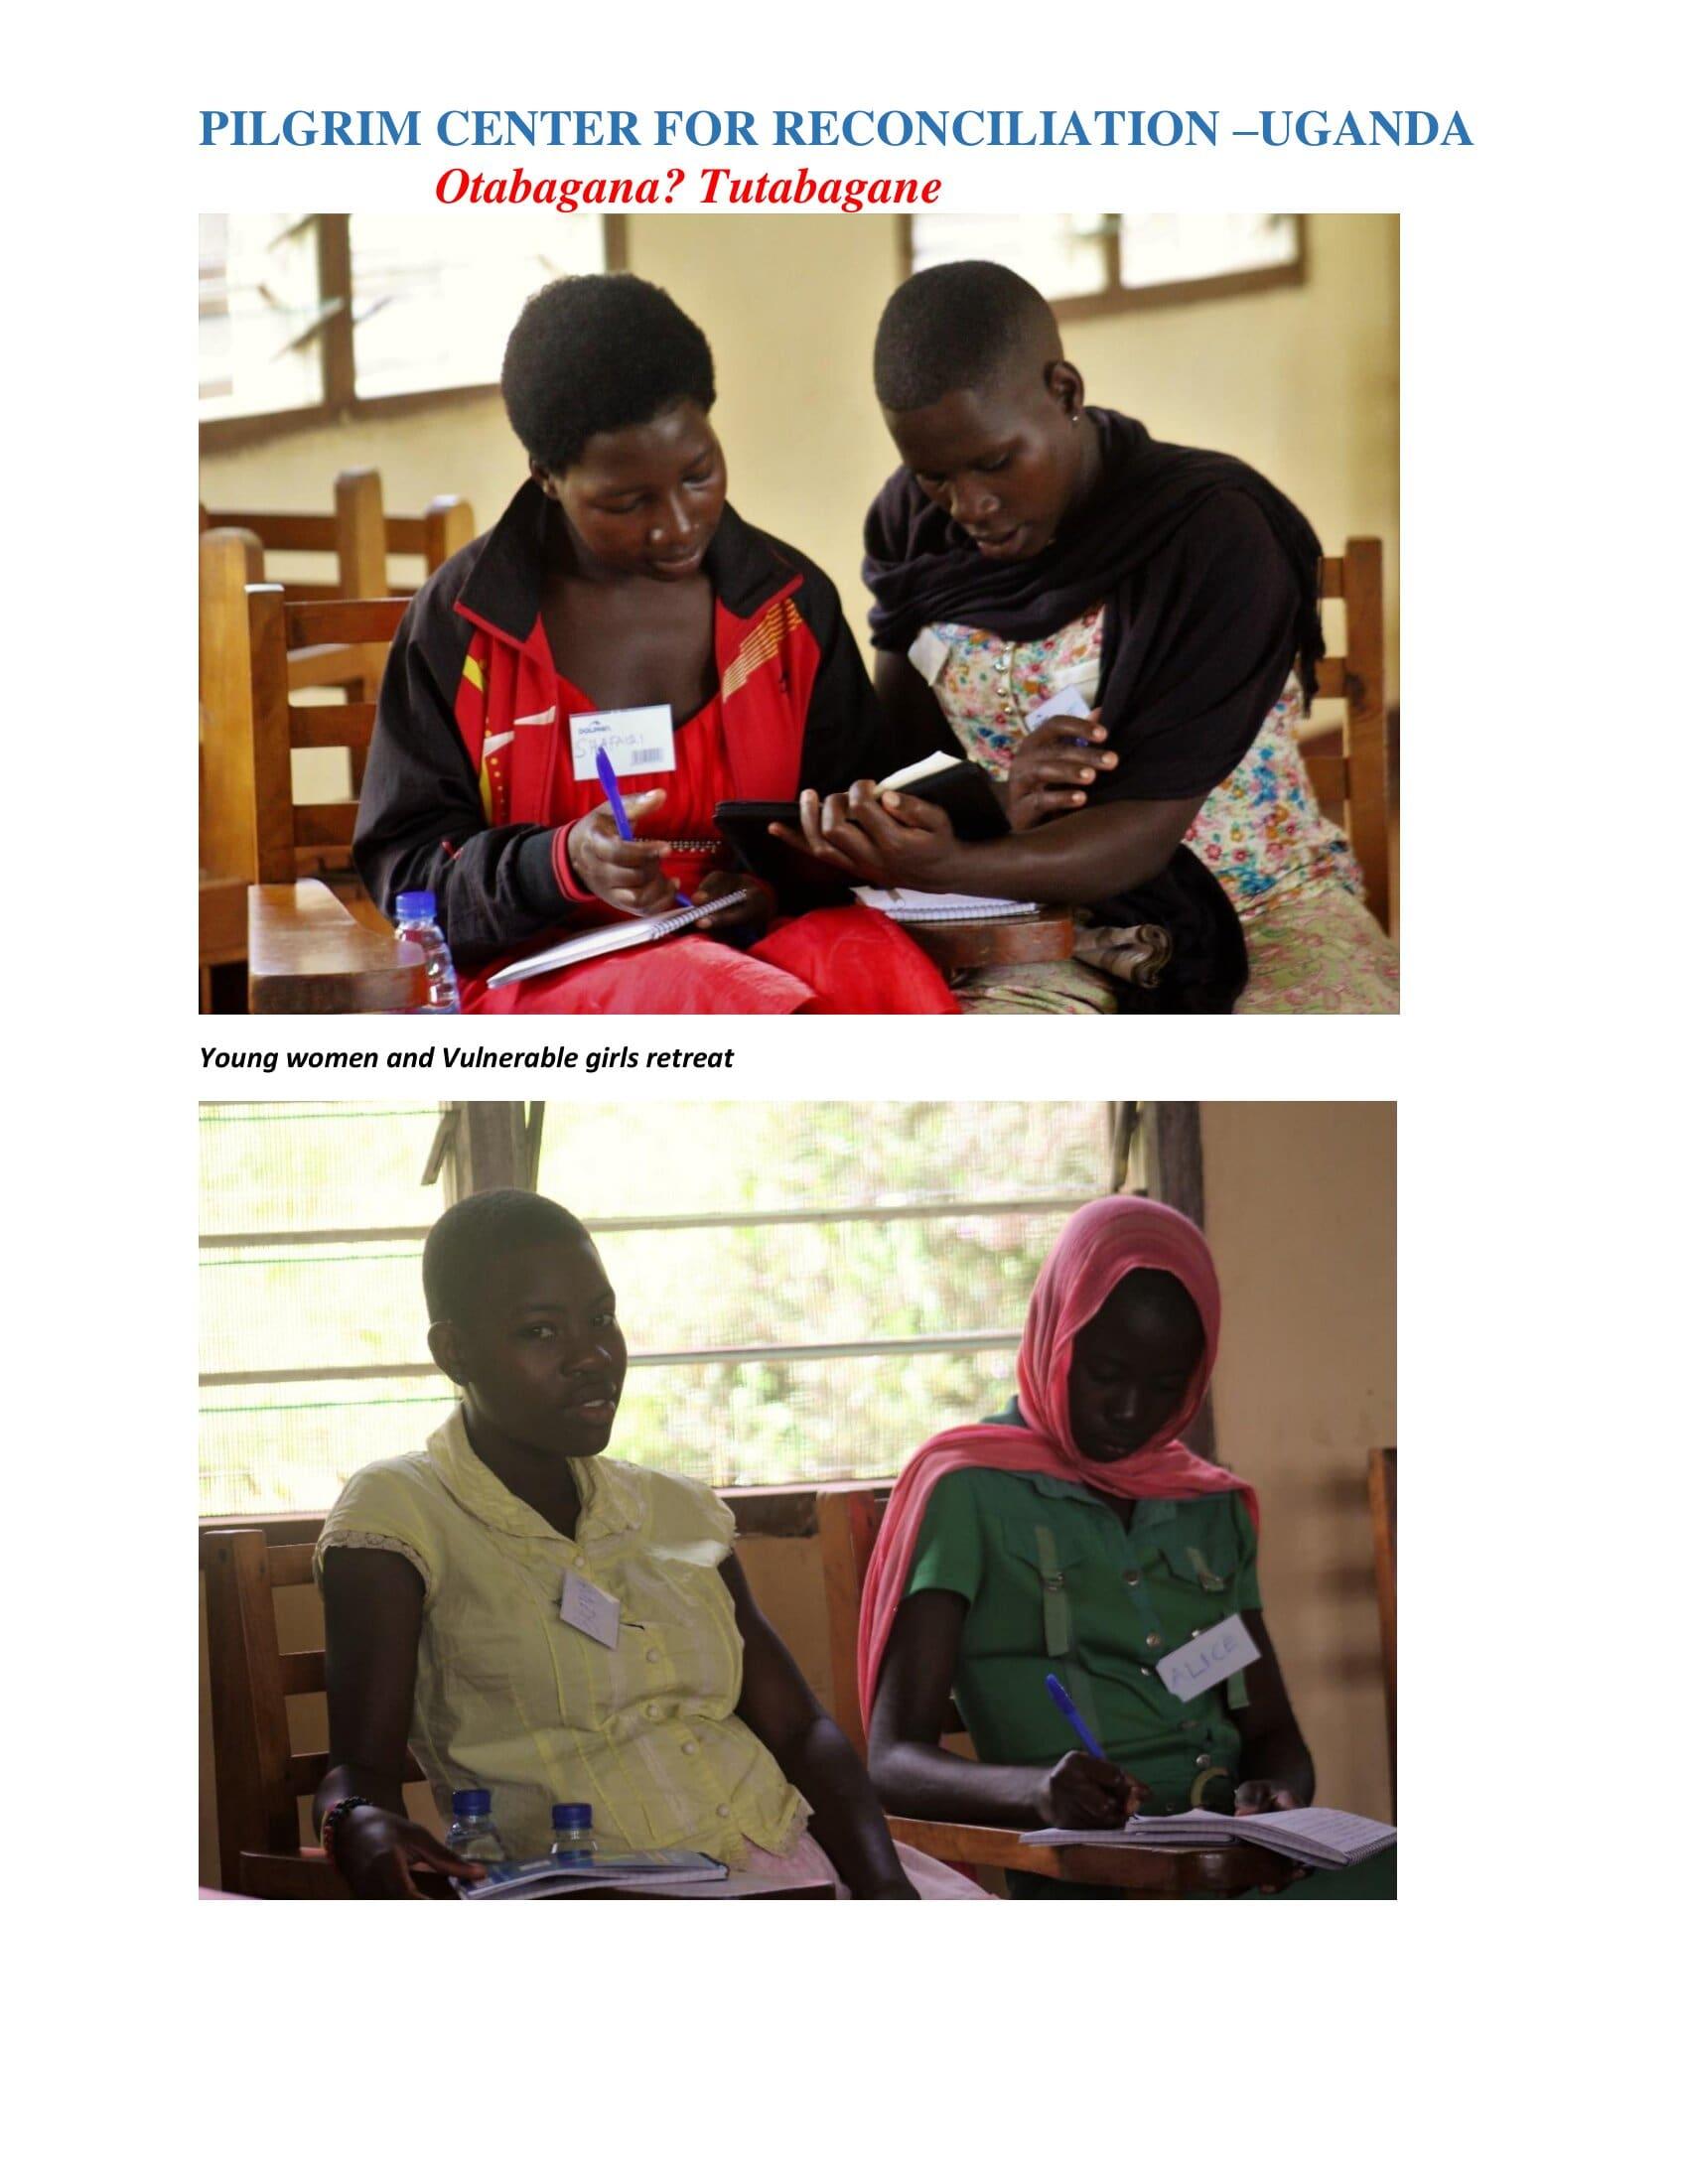 Pirigrim center for reconcilation -Uganda _0010-min